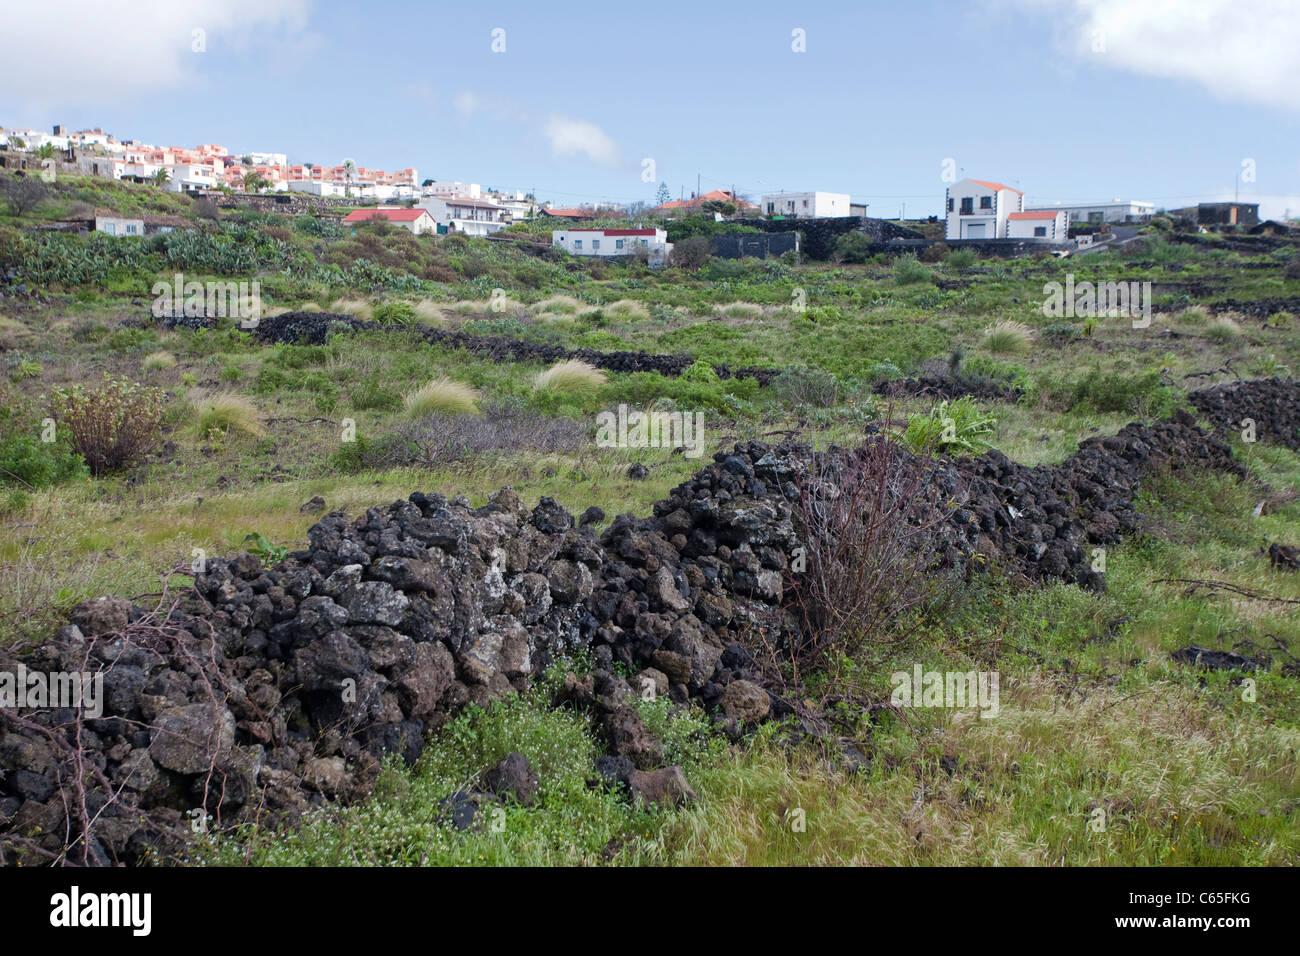 Mauer aus Lavasteinen Bei Fuencaliente, Los Canarios, Wand mit vulkanischen Steinen bei Fuencaliente, Los Canarios Stockbild